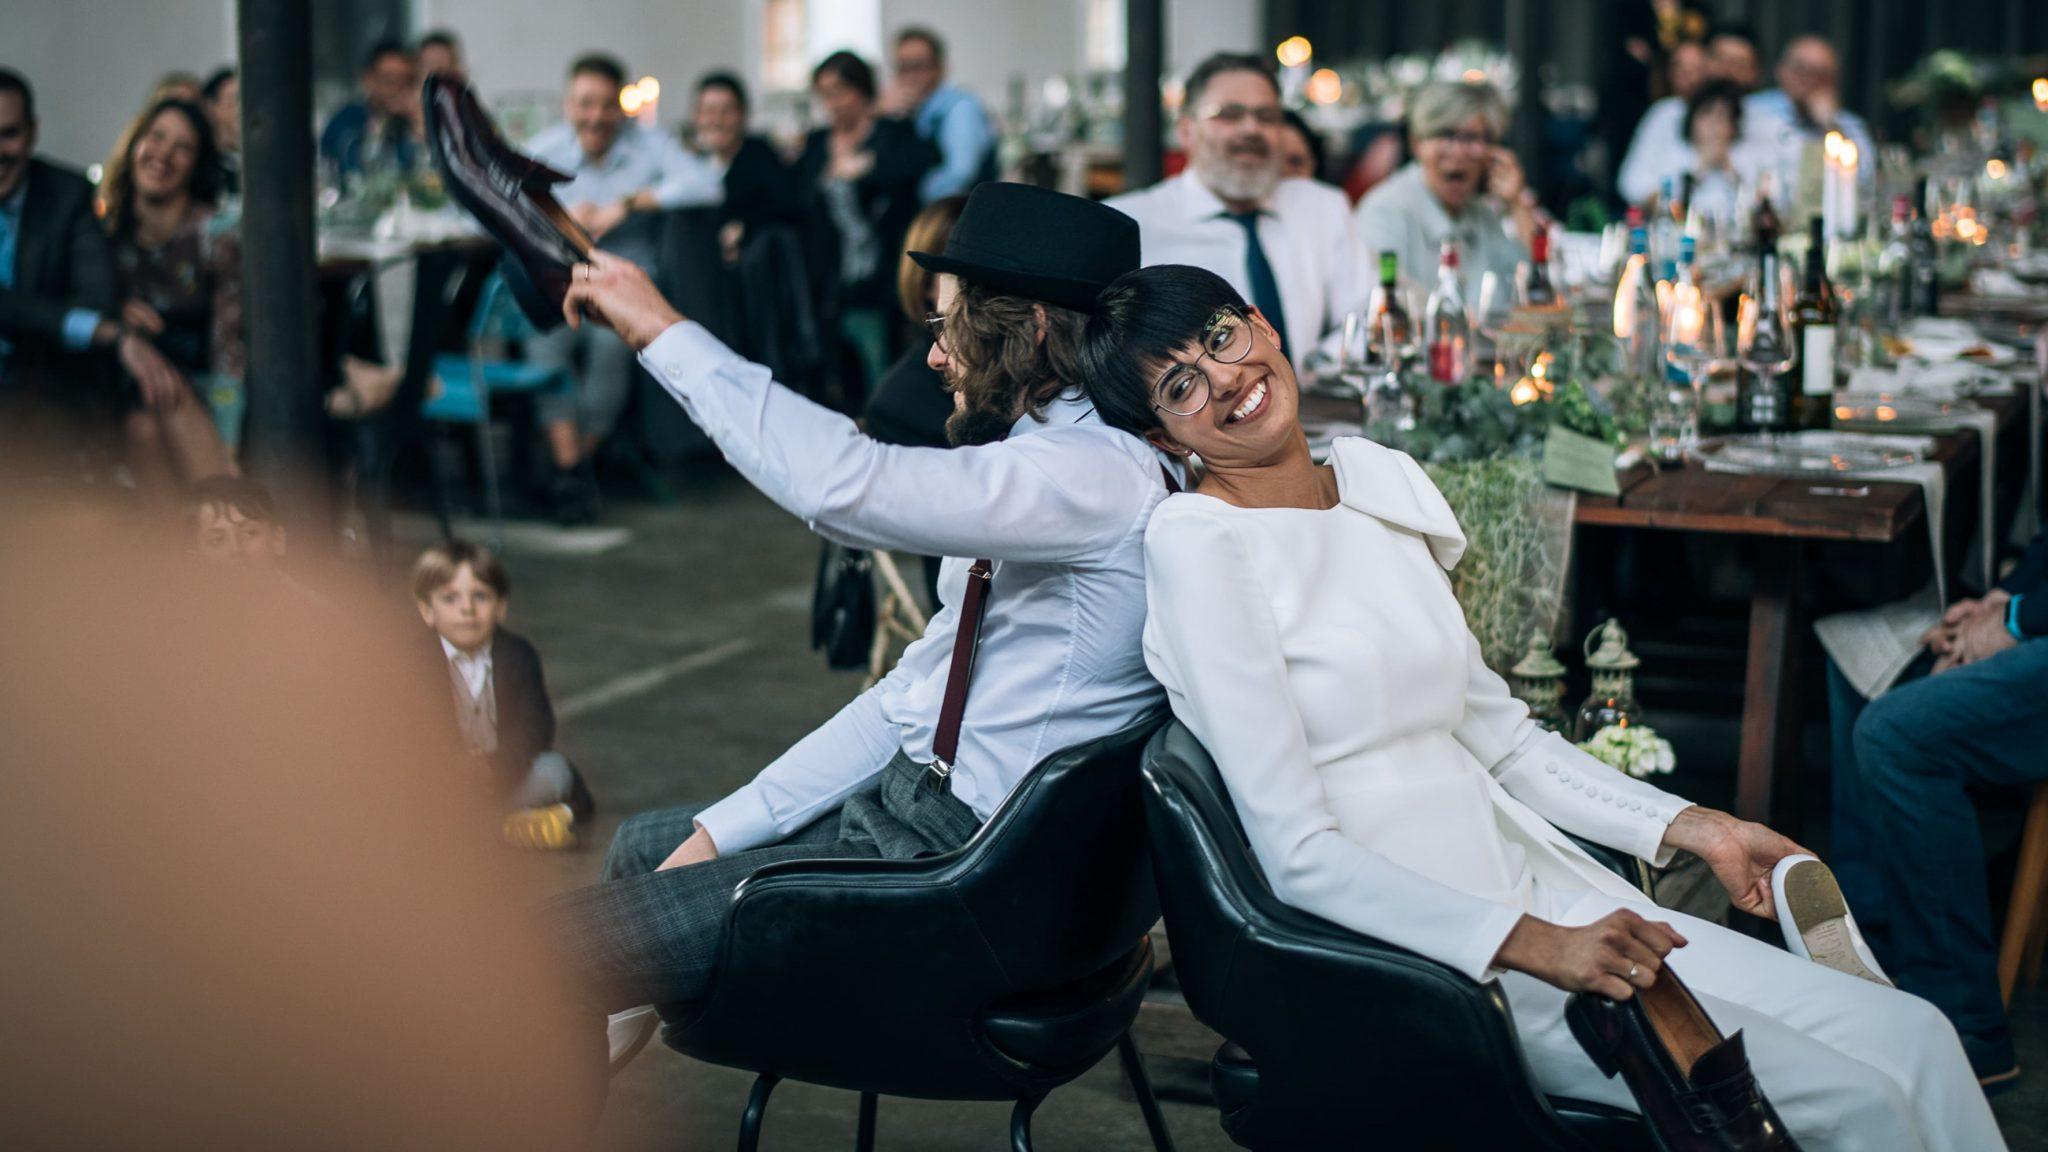 gli sposi ridono divertiti con gli invitati